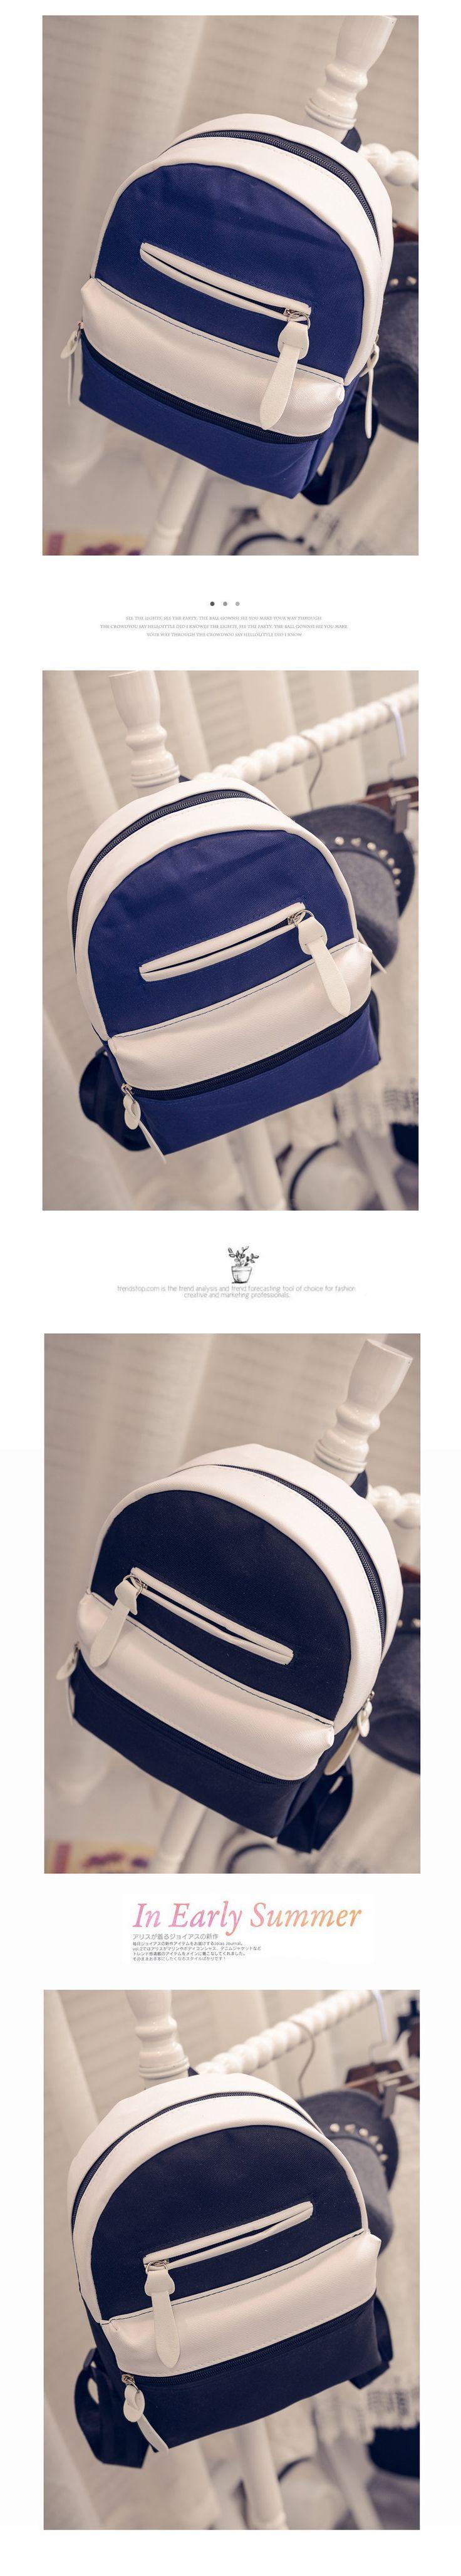 Мини-хит цвет холст плече сумка сумки корейских женщин Ветер колледж небольшой свежий новый моды сумки пакет отдыха - Taobao